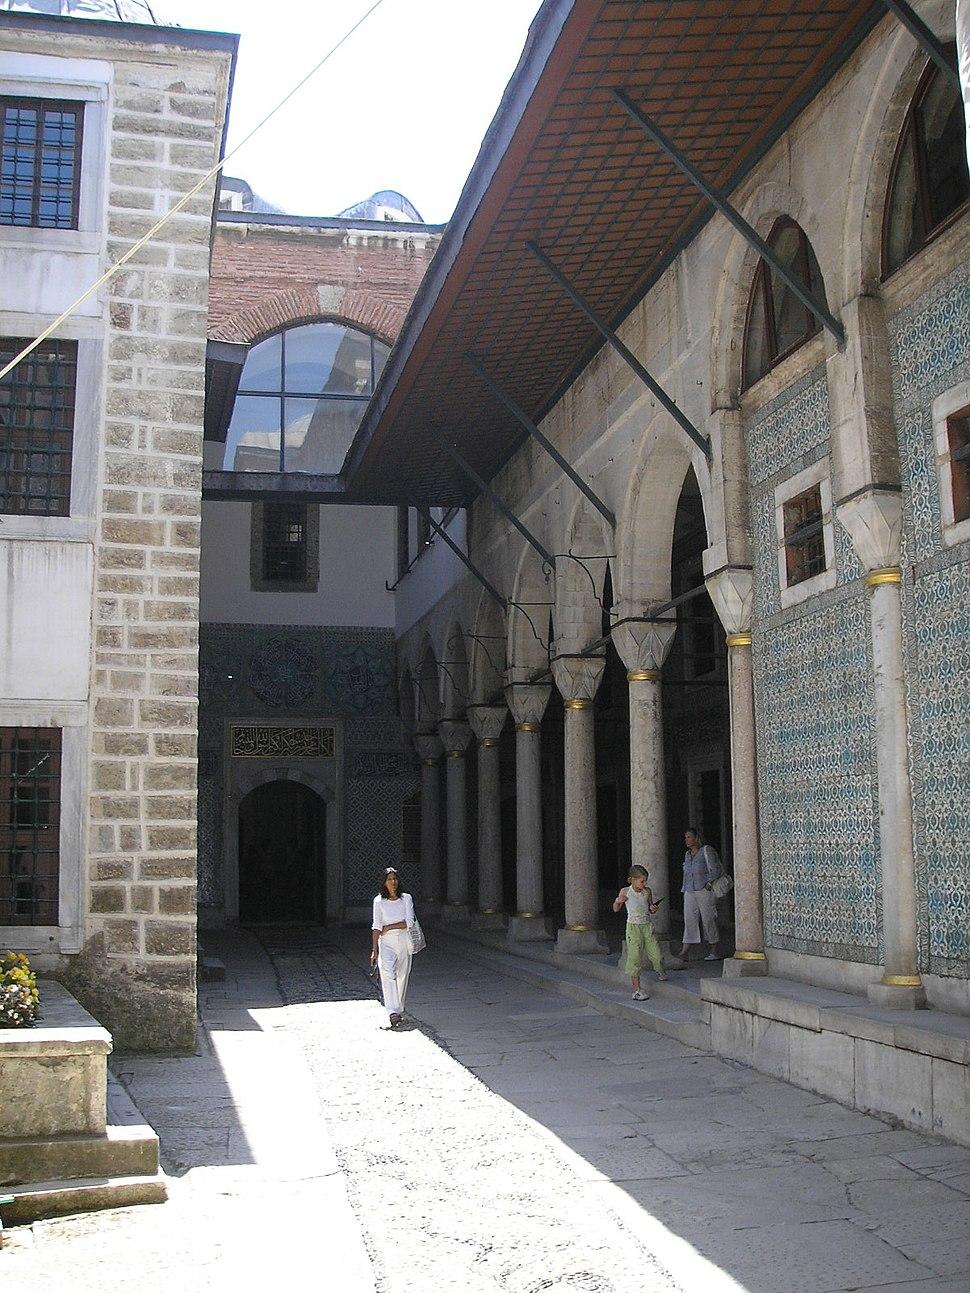 Eunuch courtyard Harem Topkapi Istanbul 2007 85